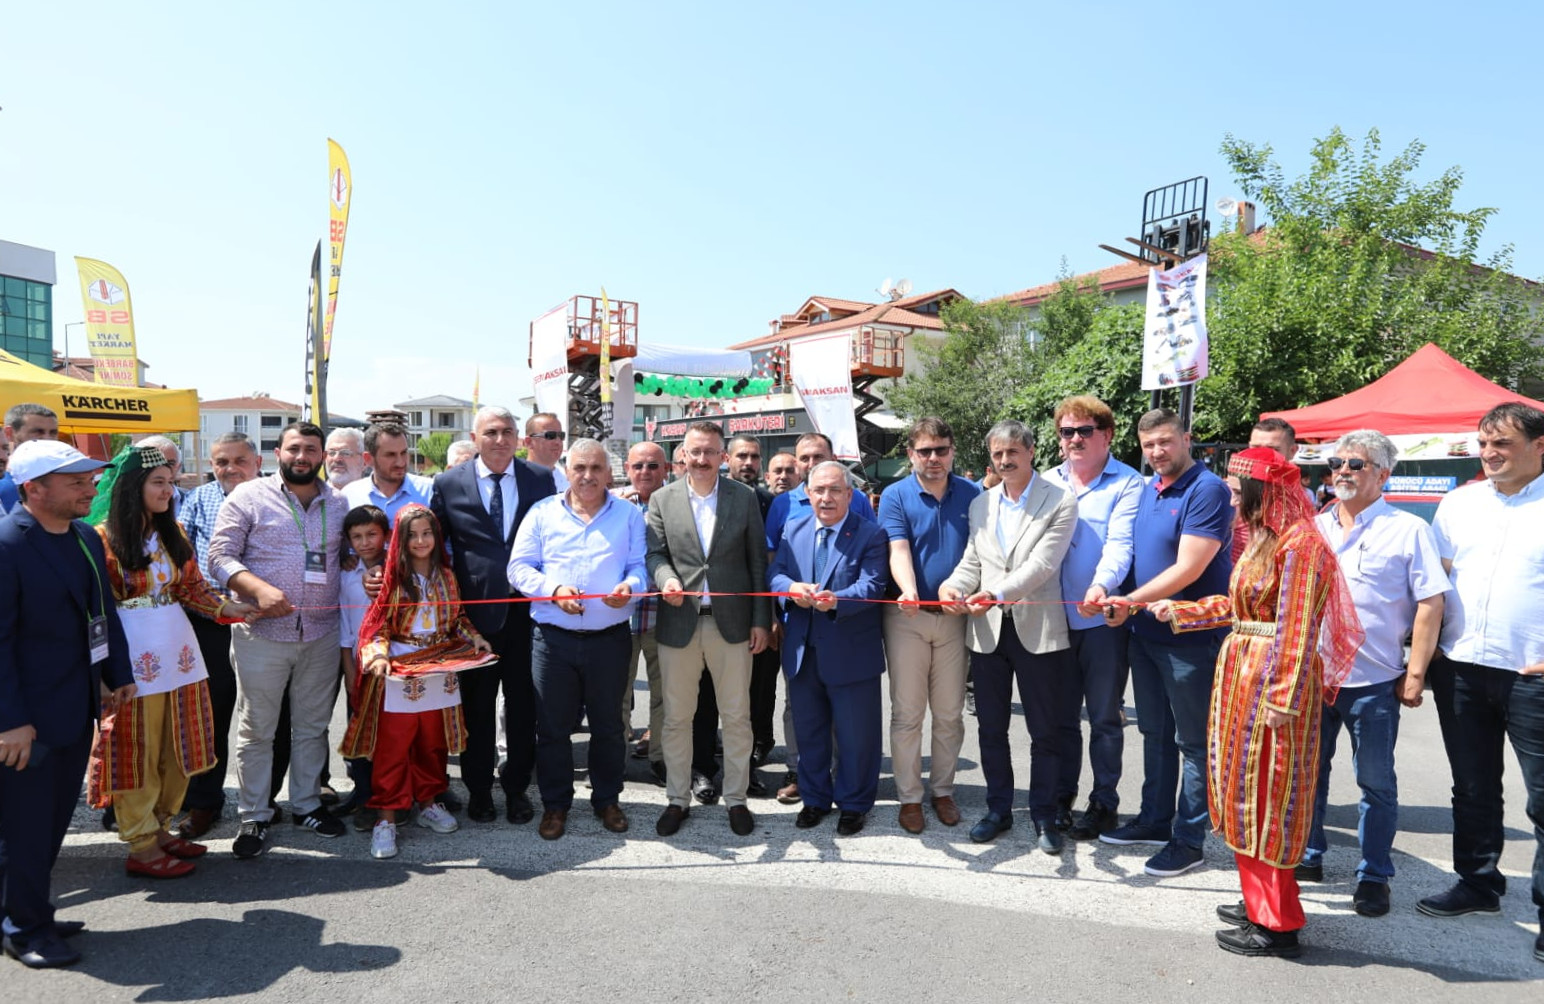 İş Makinaları Doğu Marmara Sektör Buluşması Etkinliğinin Açılışı Yapıldı